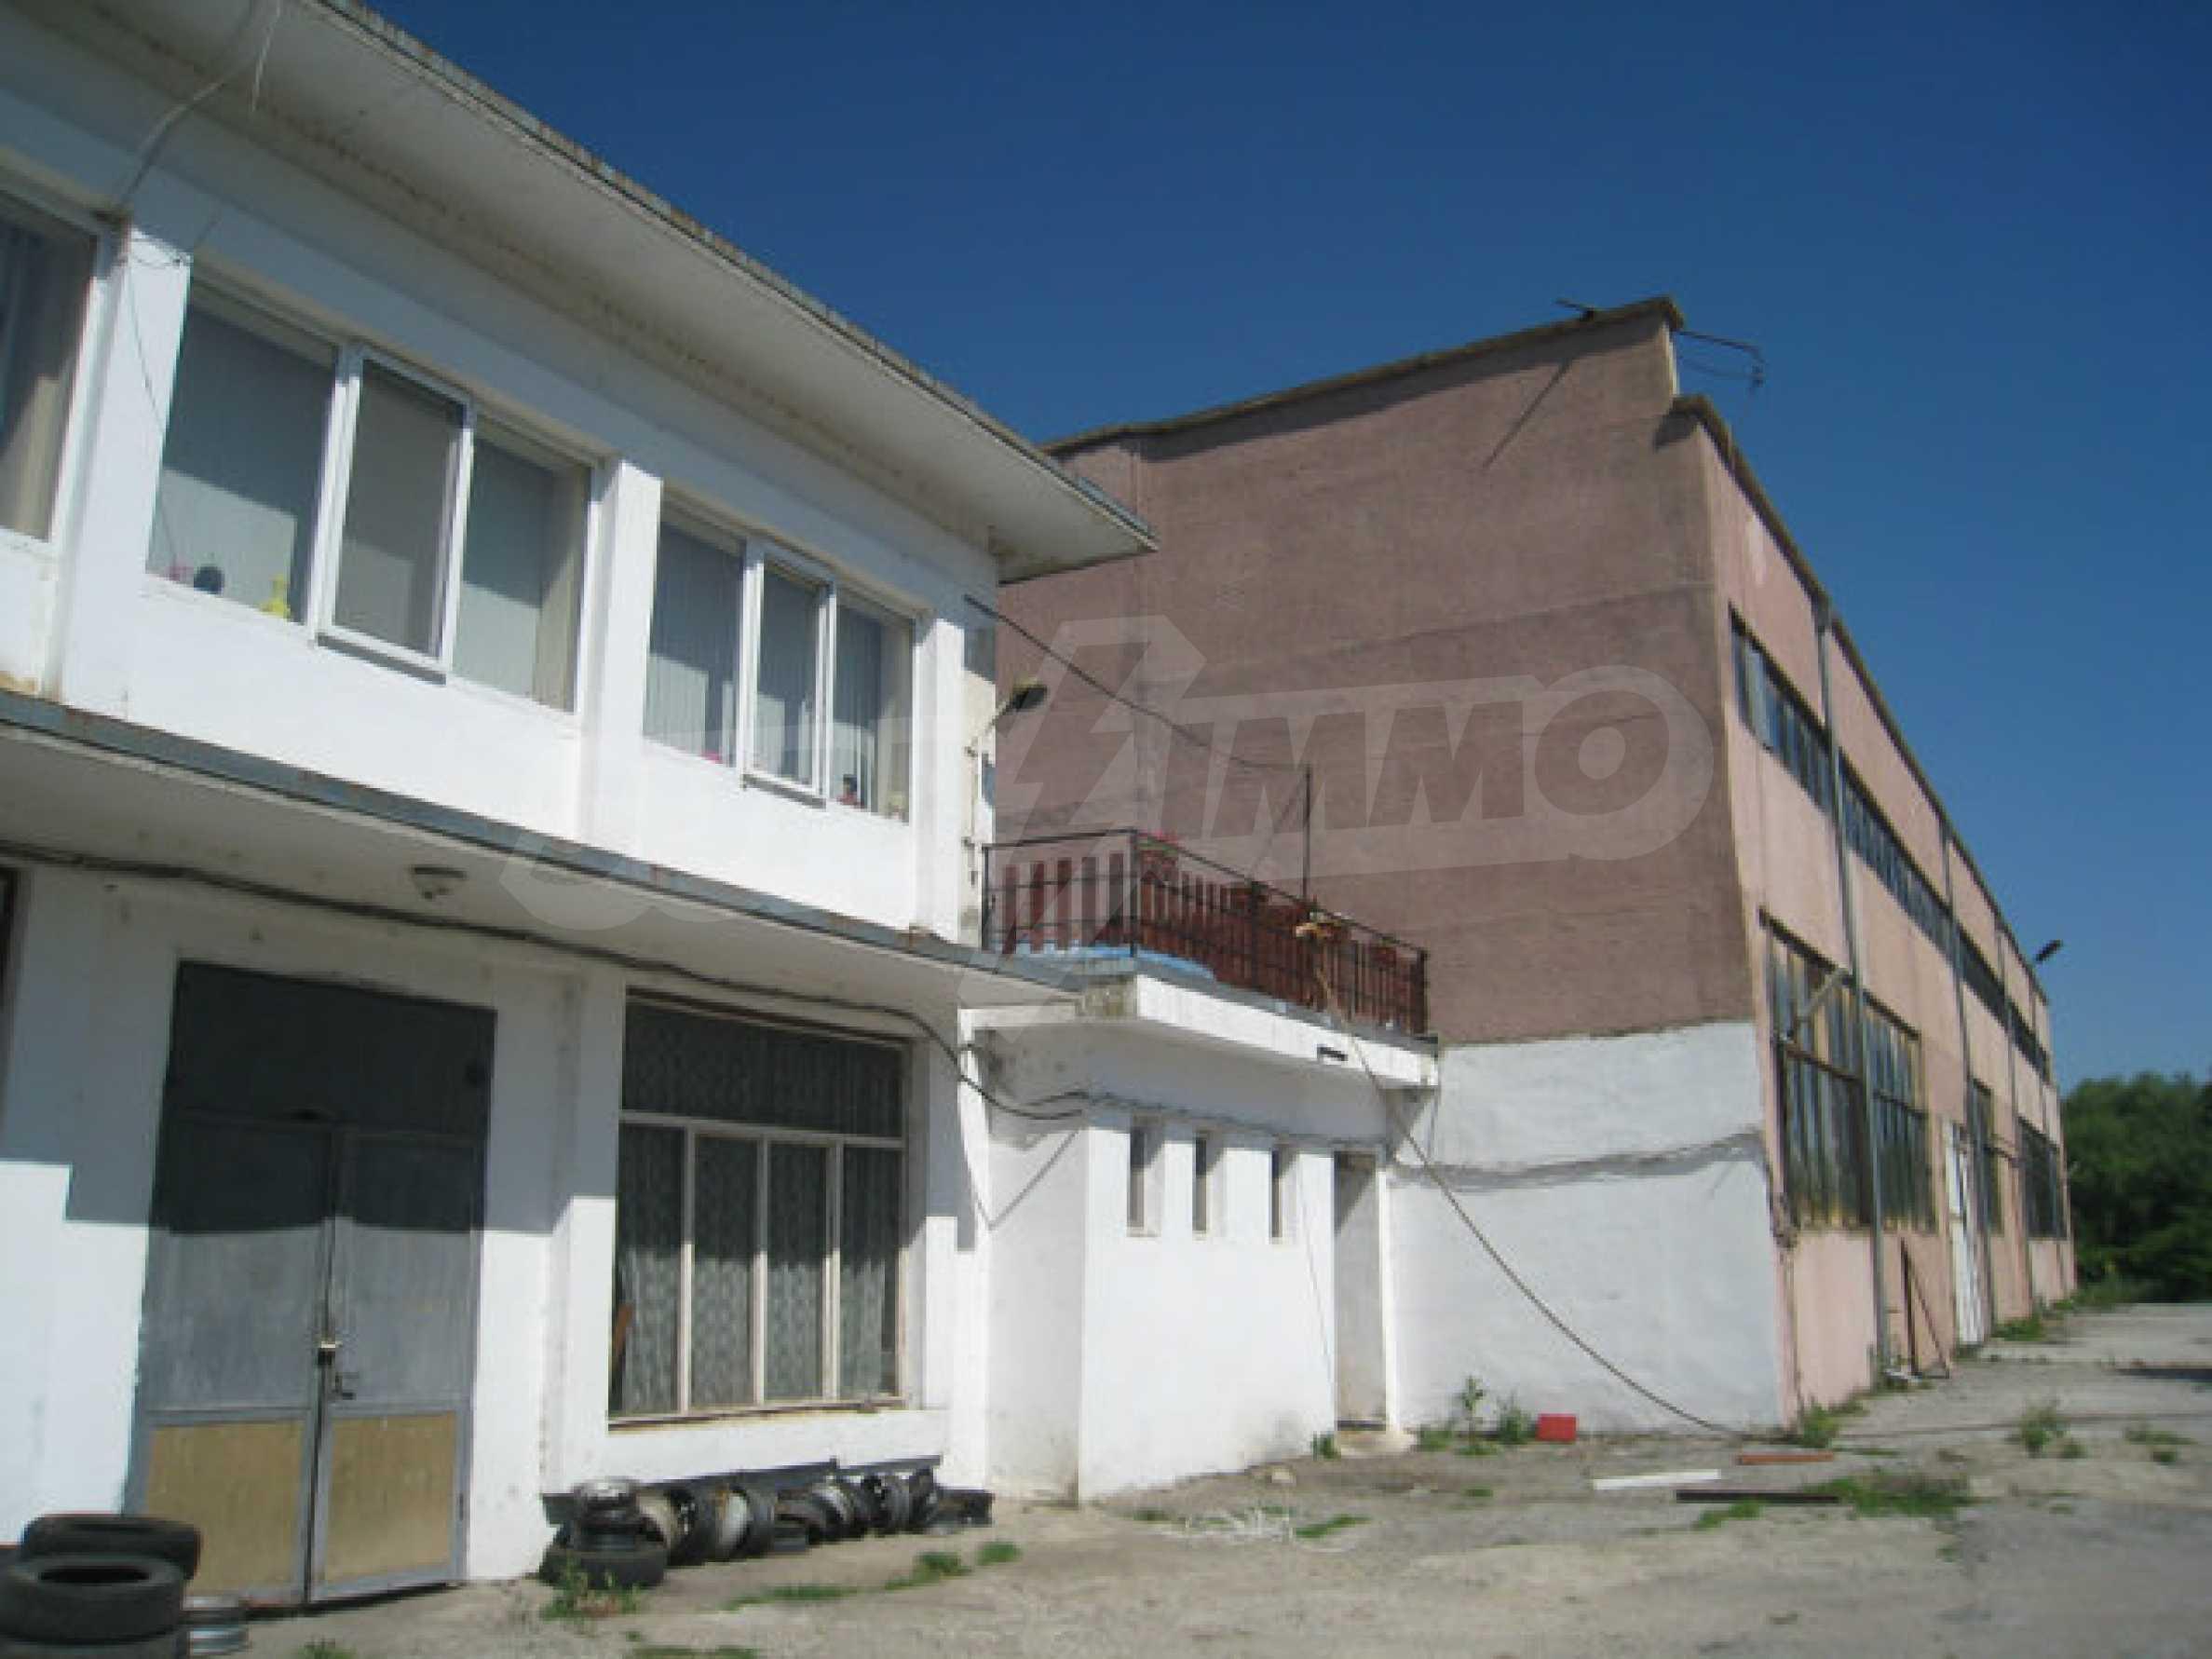 Produktionsgebäude mit Dienstleistungs- und Verwaltungsgebäude in der Nähe von Monatan 1